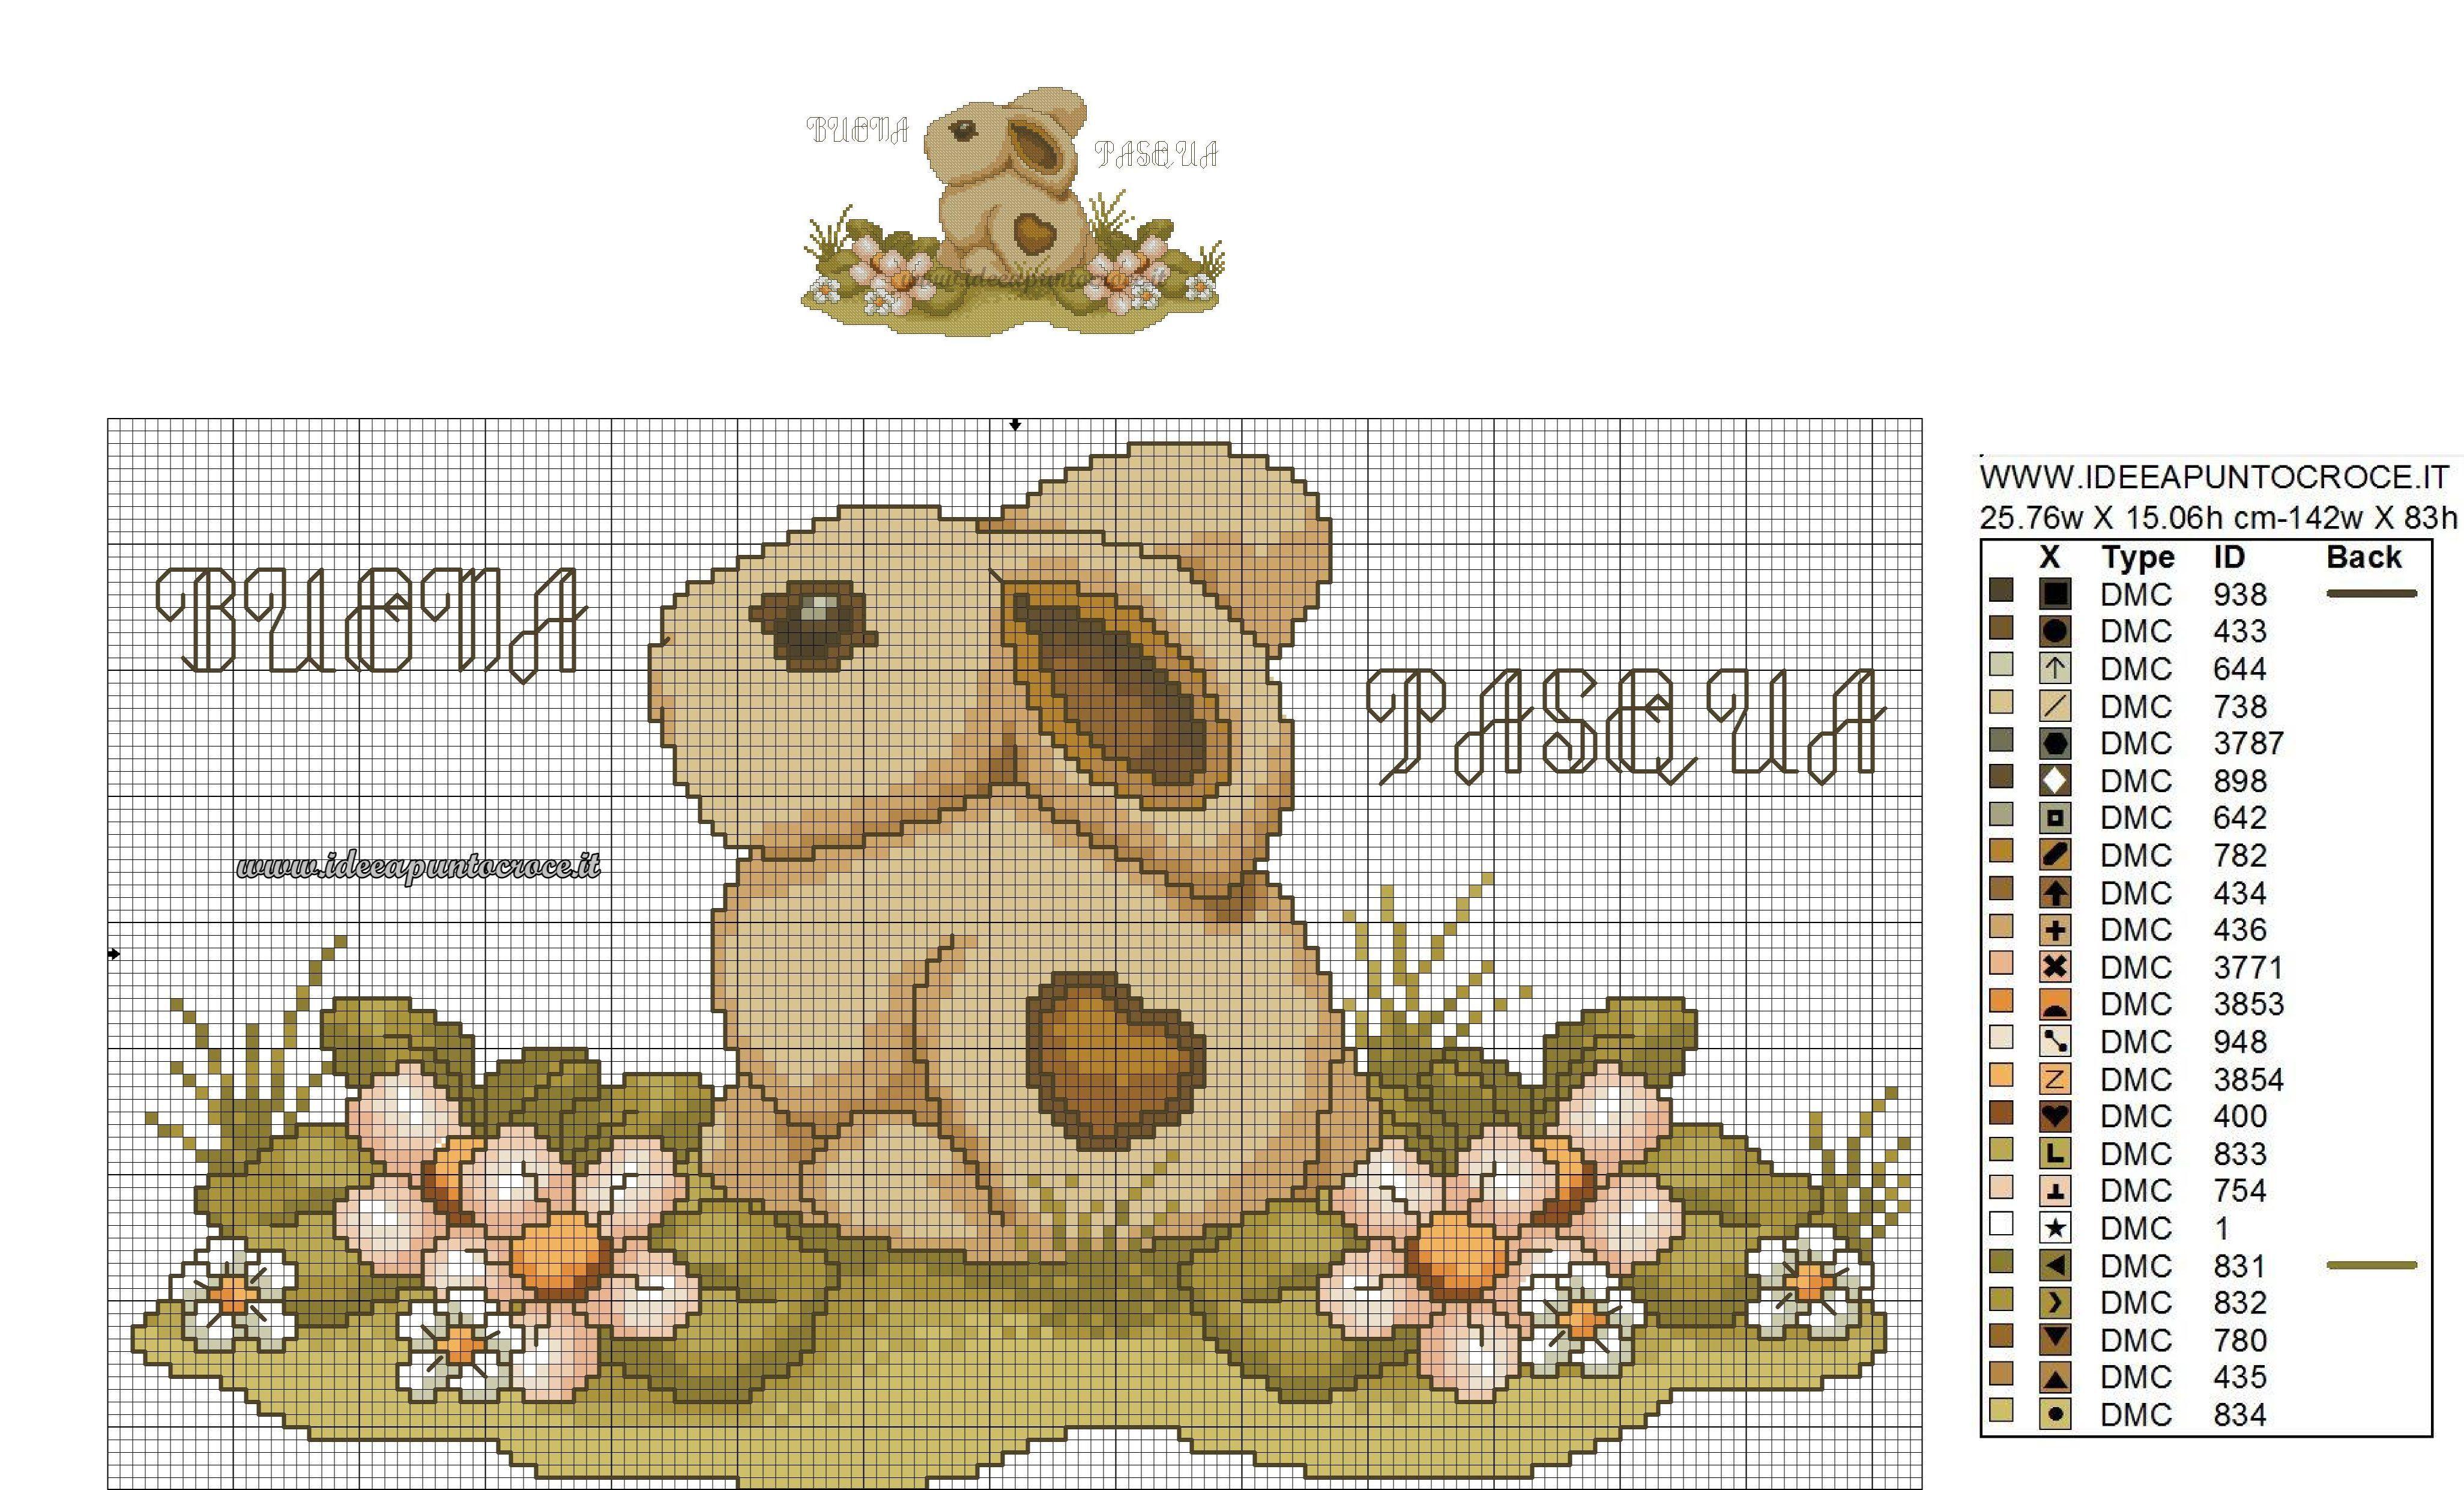 Coniglio pasquale thun schema punto croce diagrame for Punto croce immagini